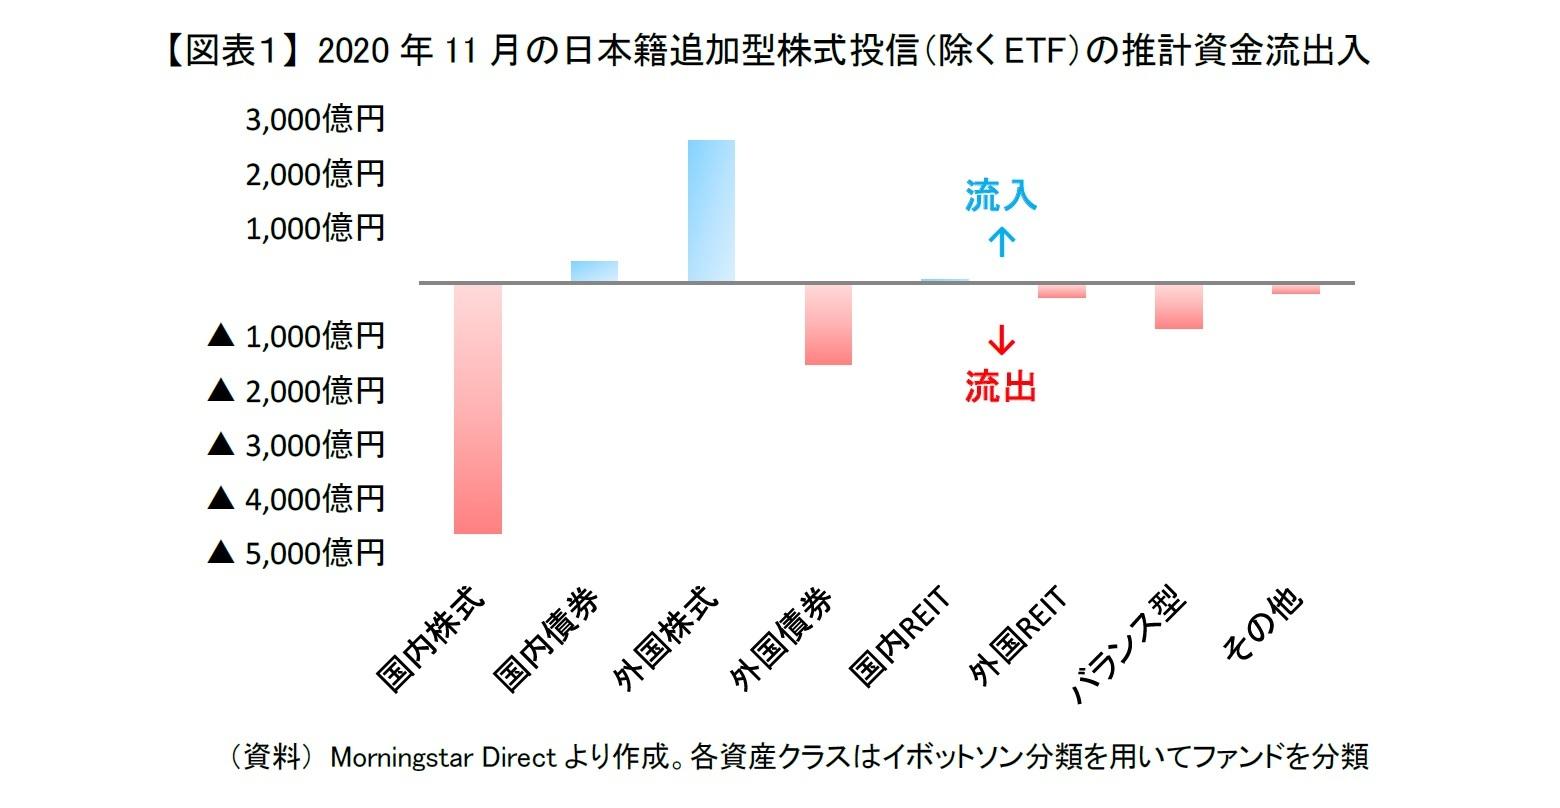 株式 ファンド 外国 ニッセイ インデックス